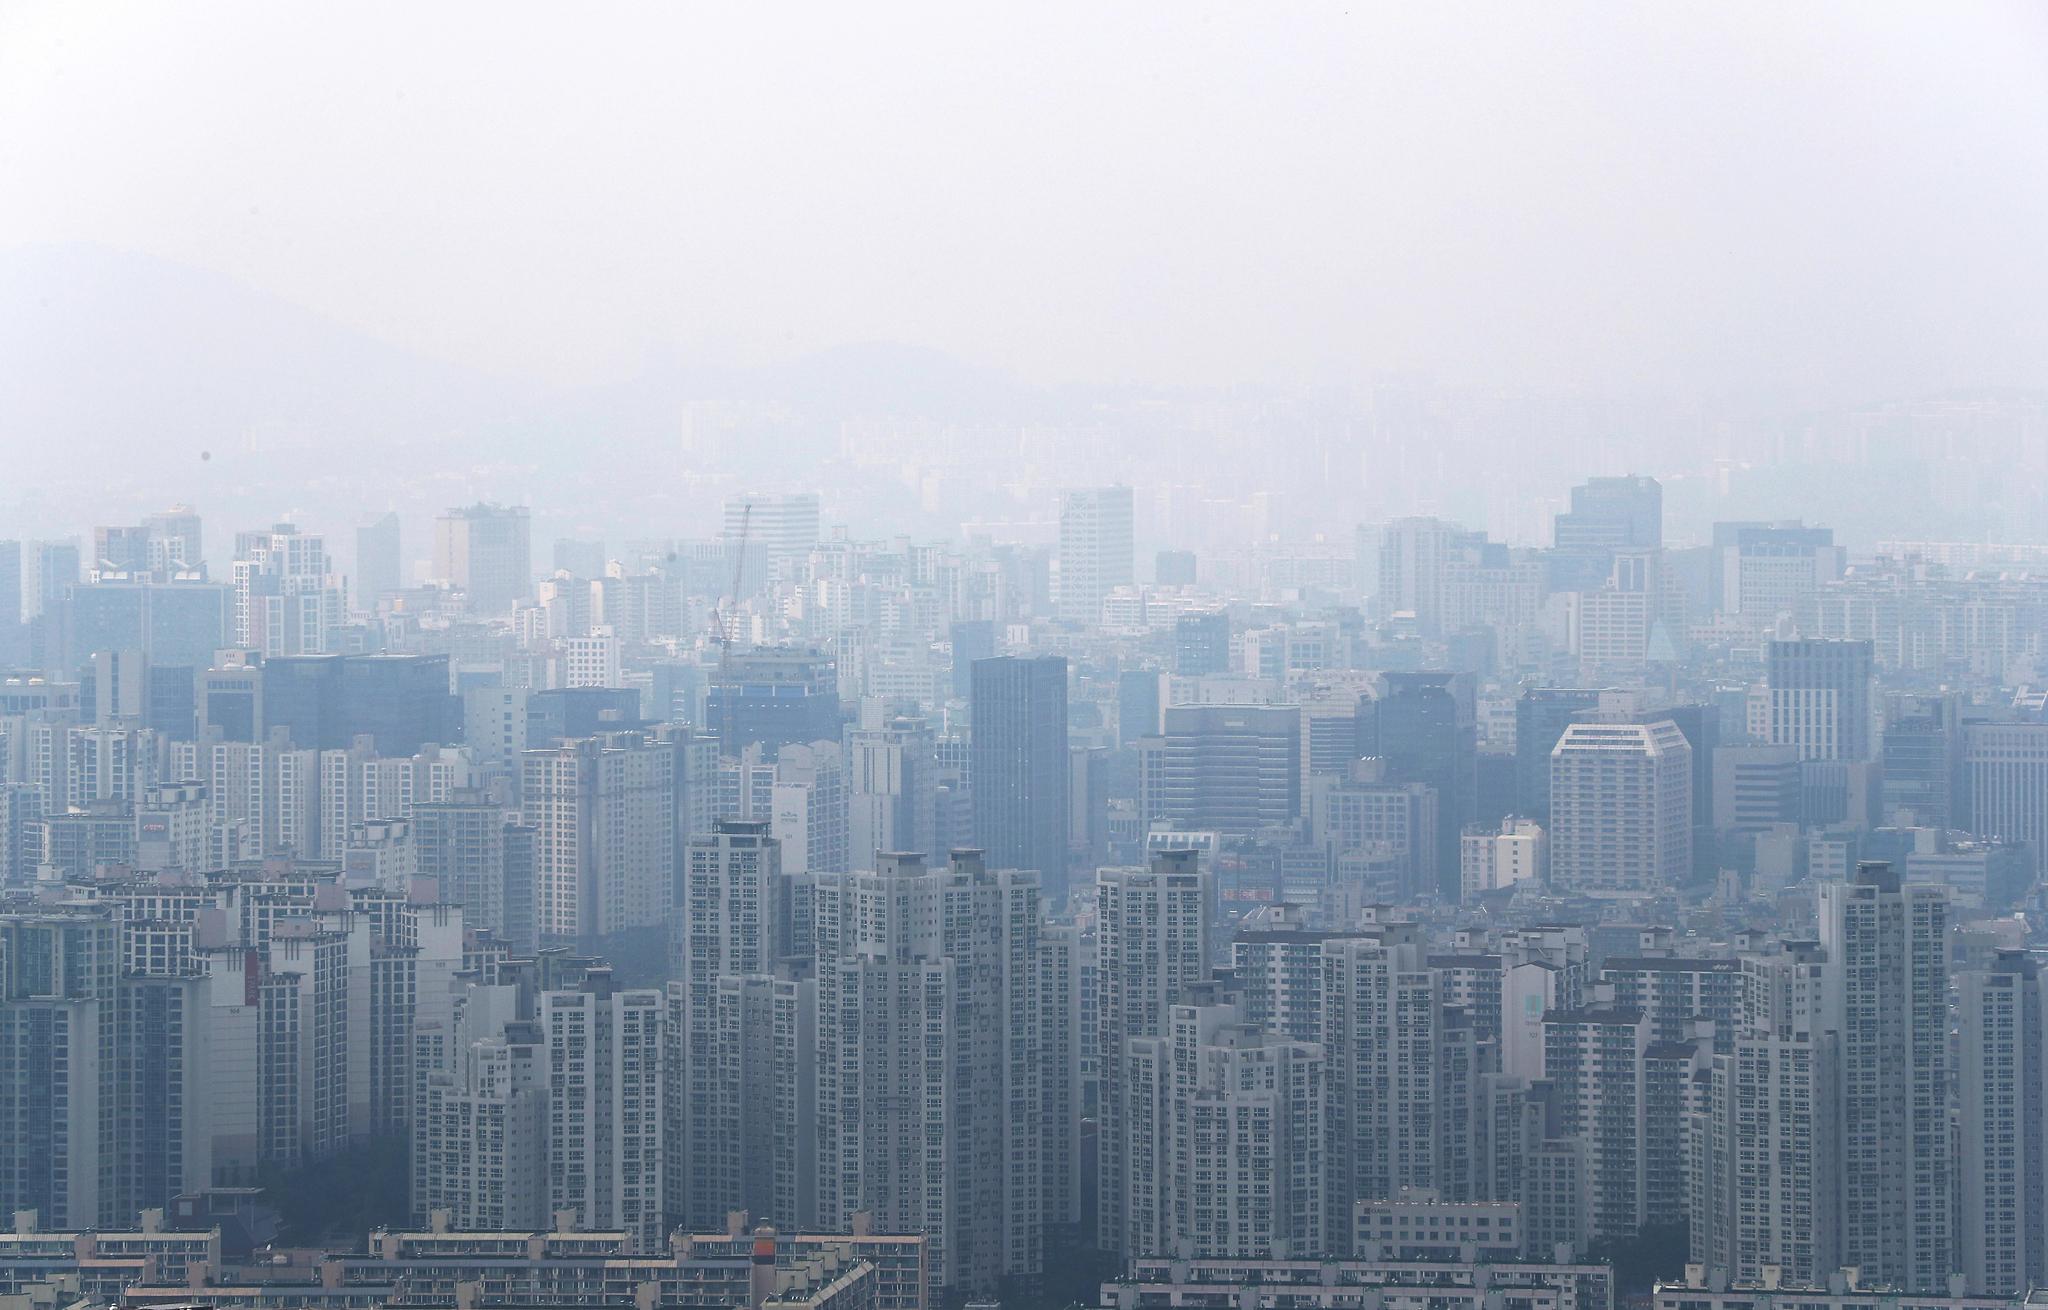 지난 8일 오후 강남구 대모산 정상에서 바라본 대치동 일대에 '똘똘한 한 채'로 불리는 아파트가 빽빽하게 들어차 있다. 연합뉴스